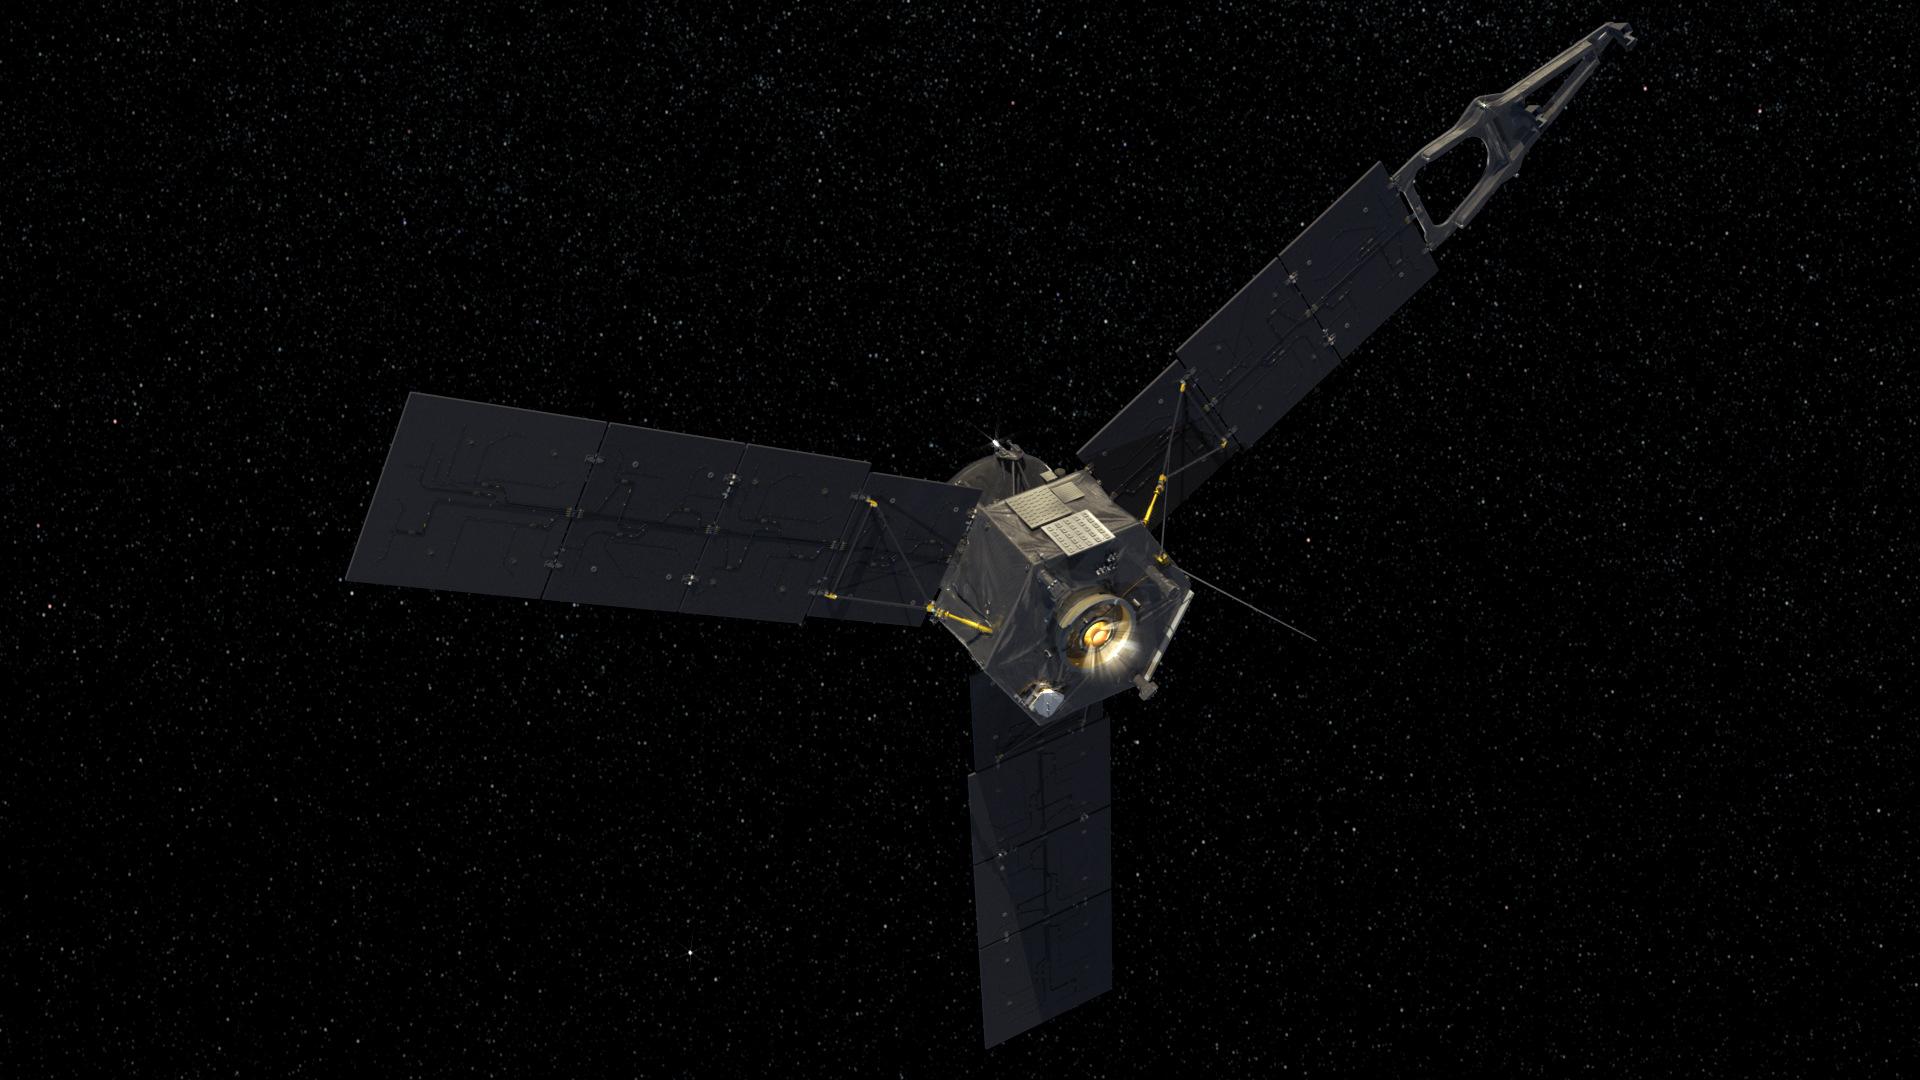 Nasa S Juno Spacecraft Will Soon Reach Jupiter And Start